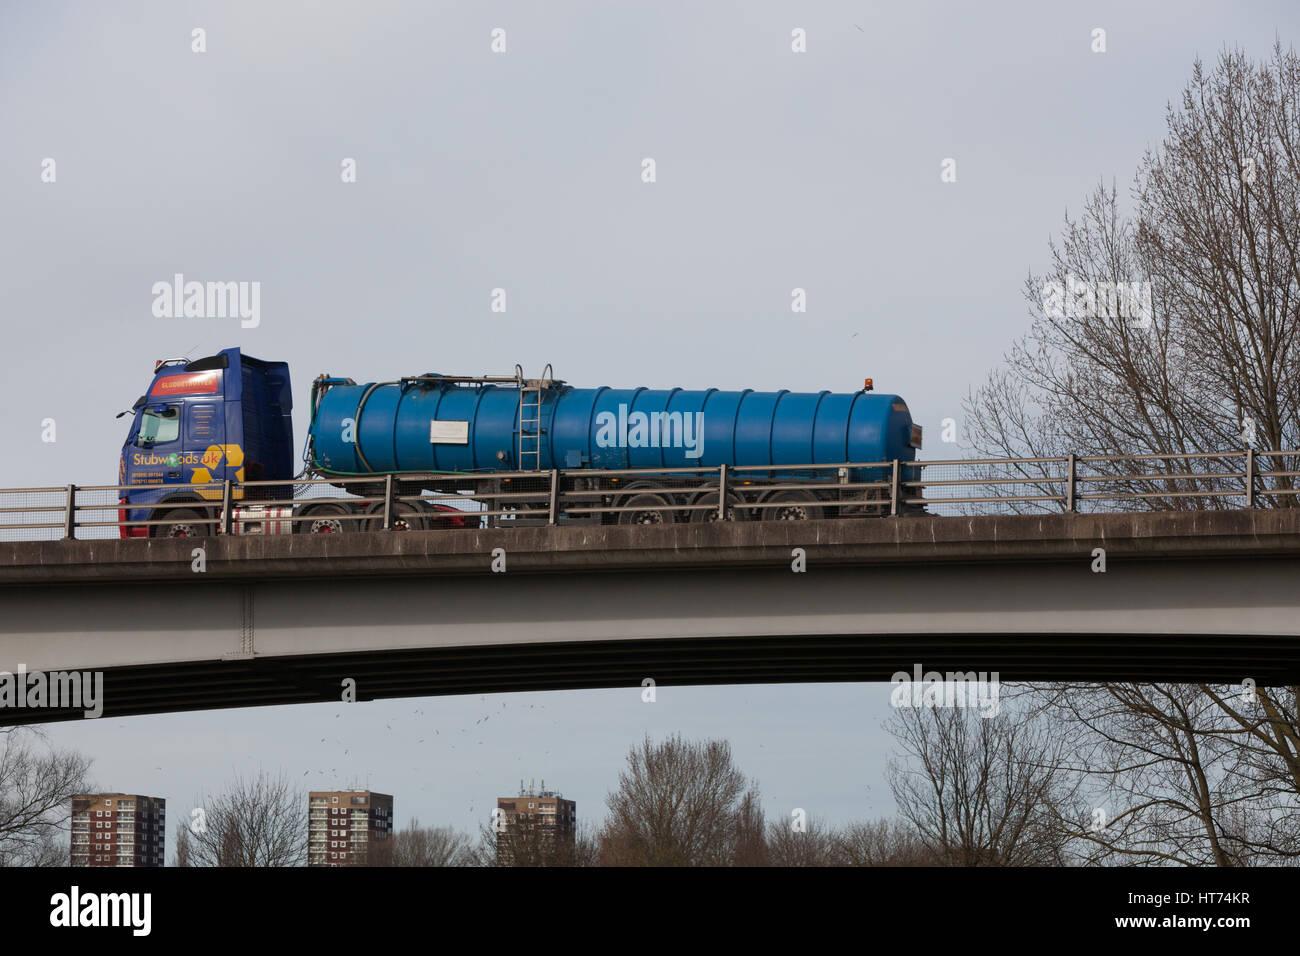 Stubwoods pétrolier de la gestion des déchets sur la route dans les Midlands Photo Stock